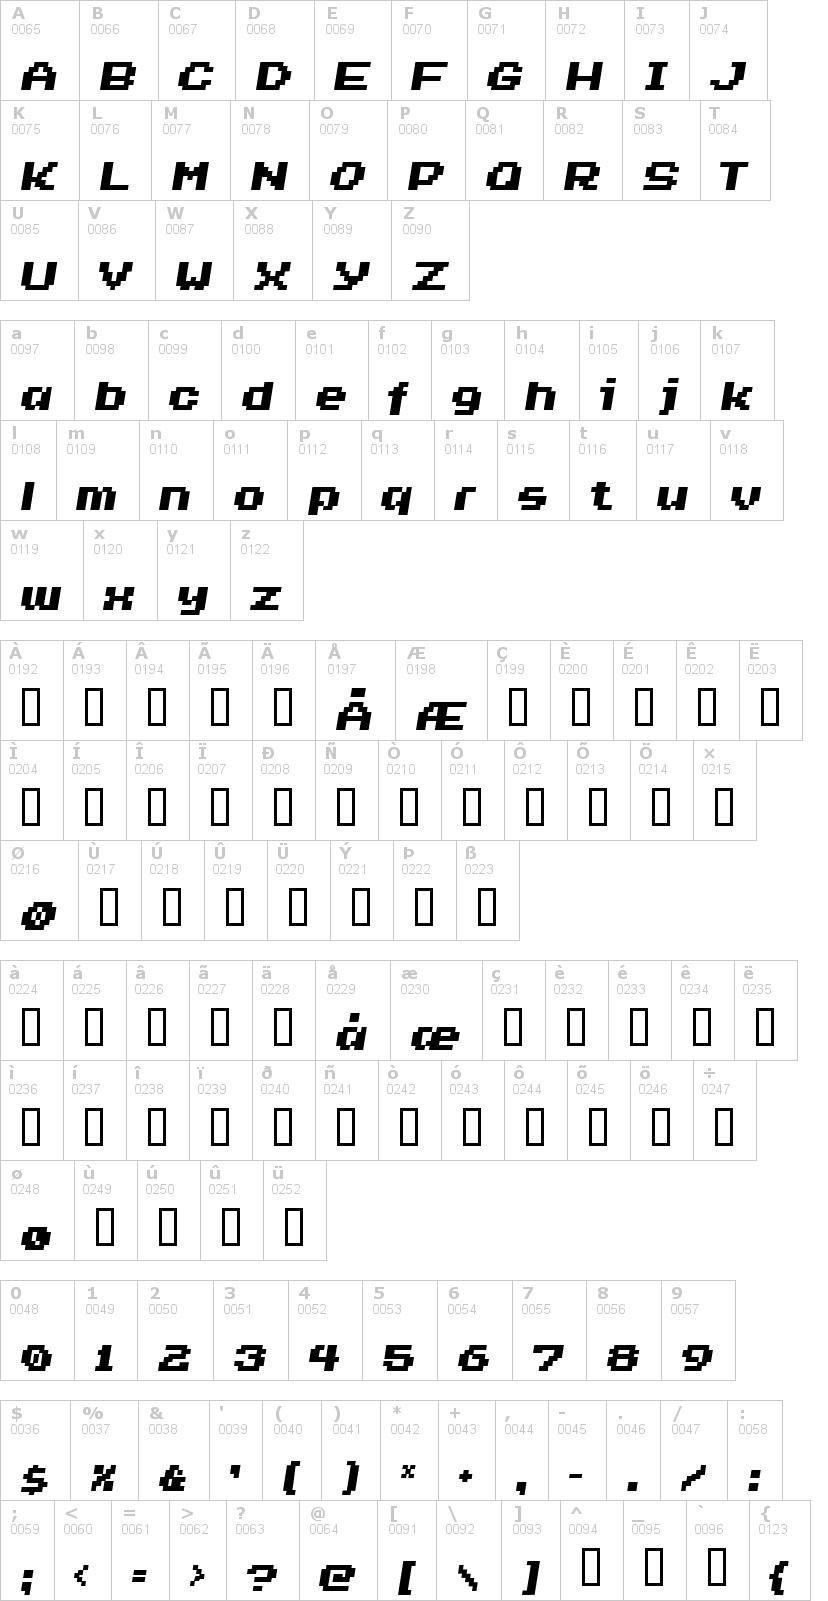 Lettere dell'alfabeto del font invasion2000 con le quali è possibile realizzare adesivi prespaziati